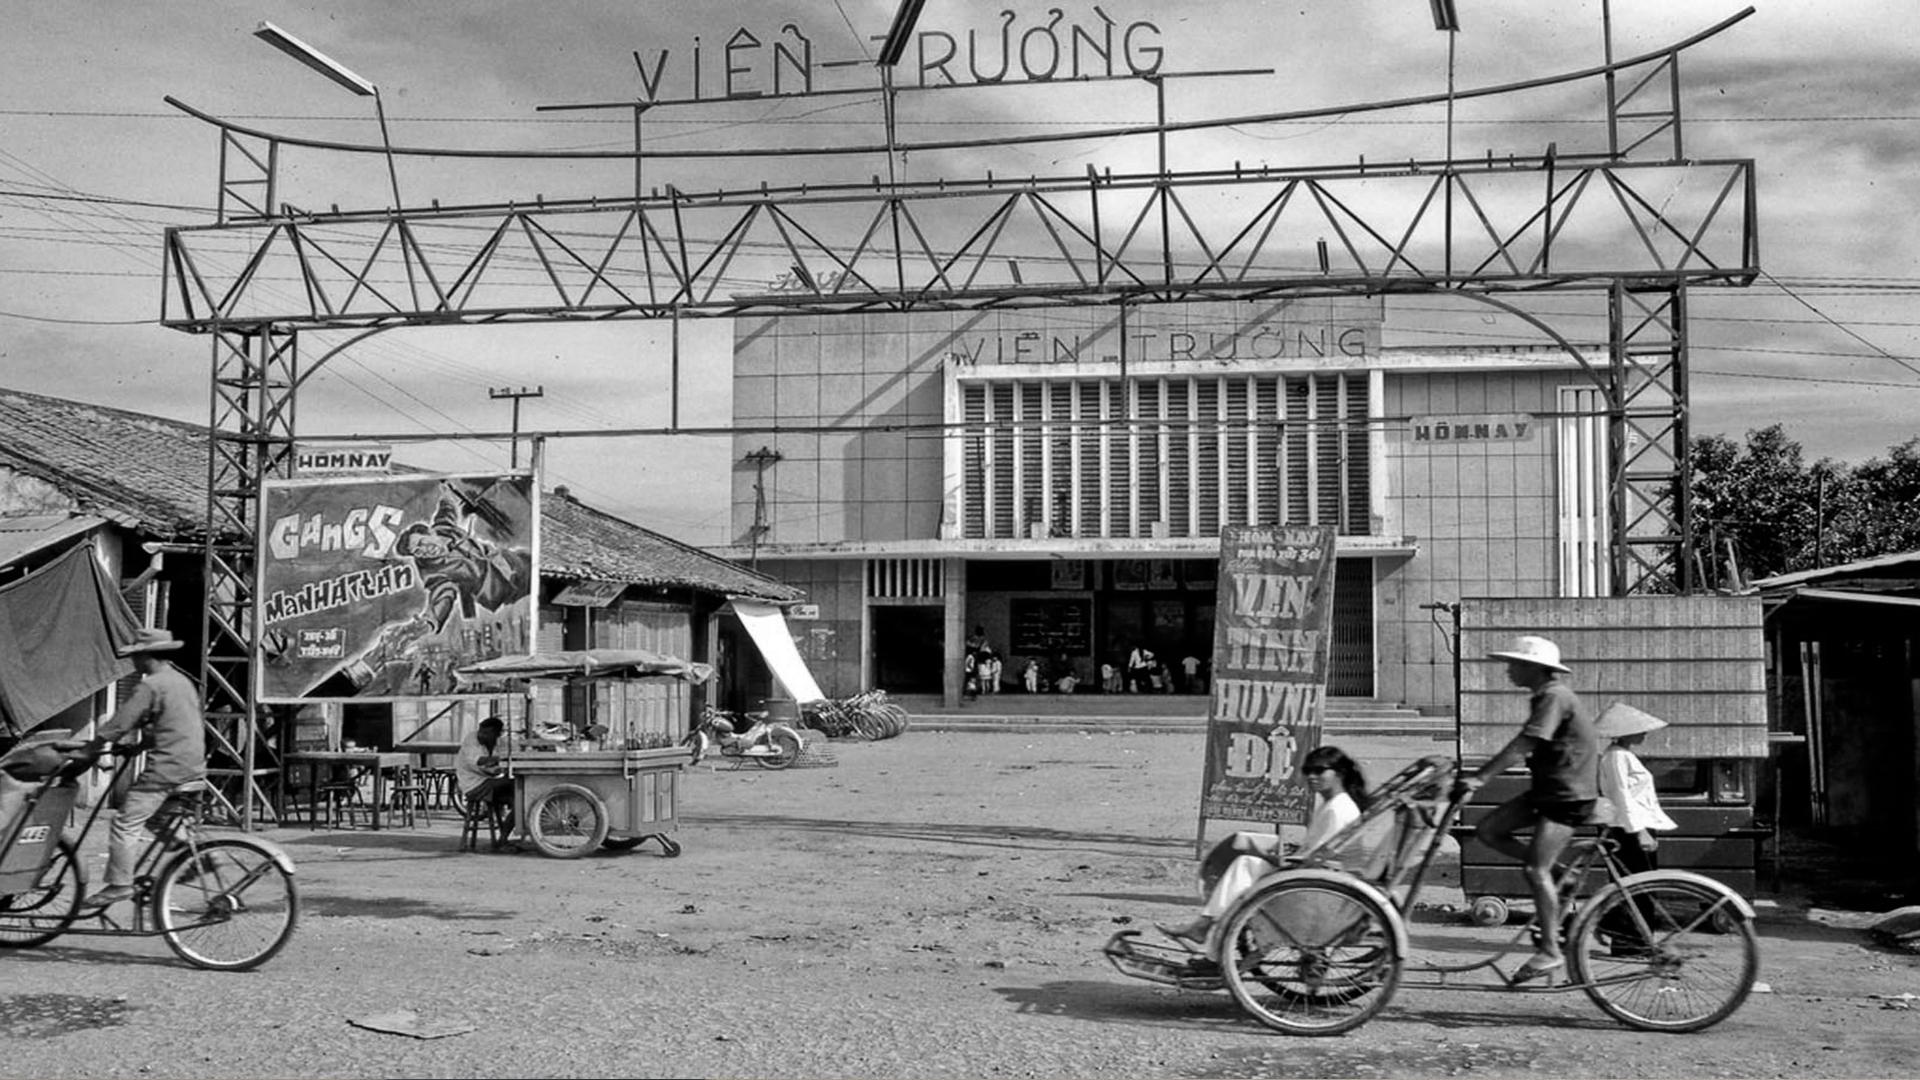 Ngắm Mỹ Tho Xưa Va Nay Sau 340 Năm đai Phat Thanh Truyền Hinh Tiền Giang